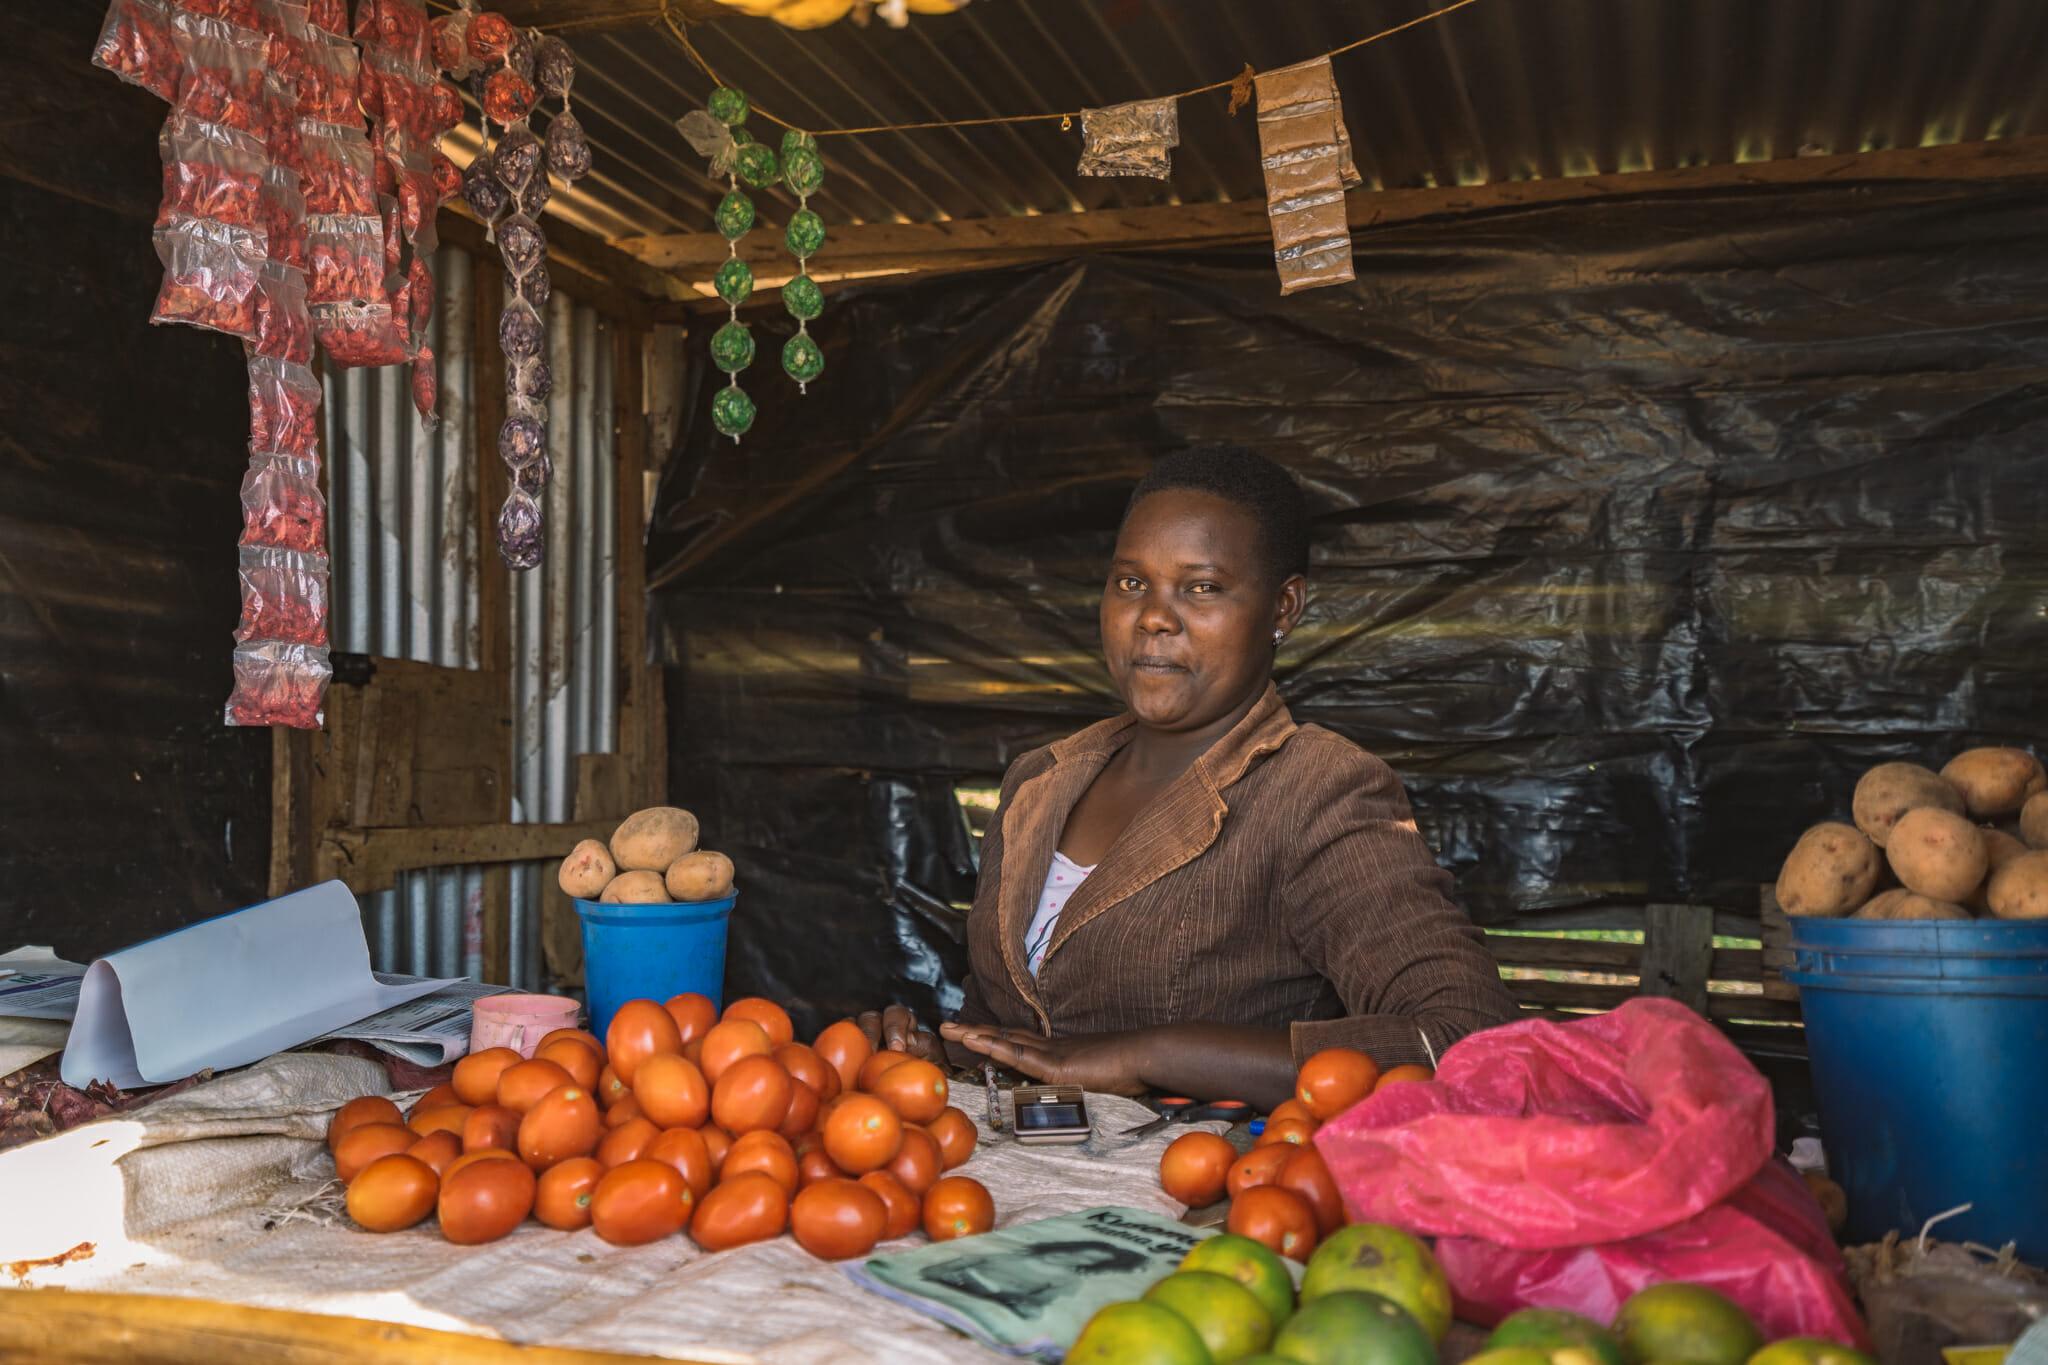 Rencontre avec les commerçants lors de l'immersion dans le village d'Endallah en Tanzanie